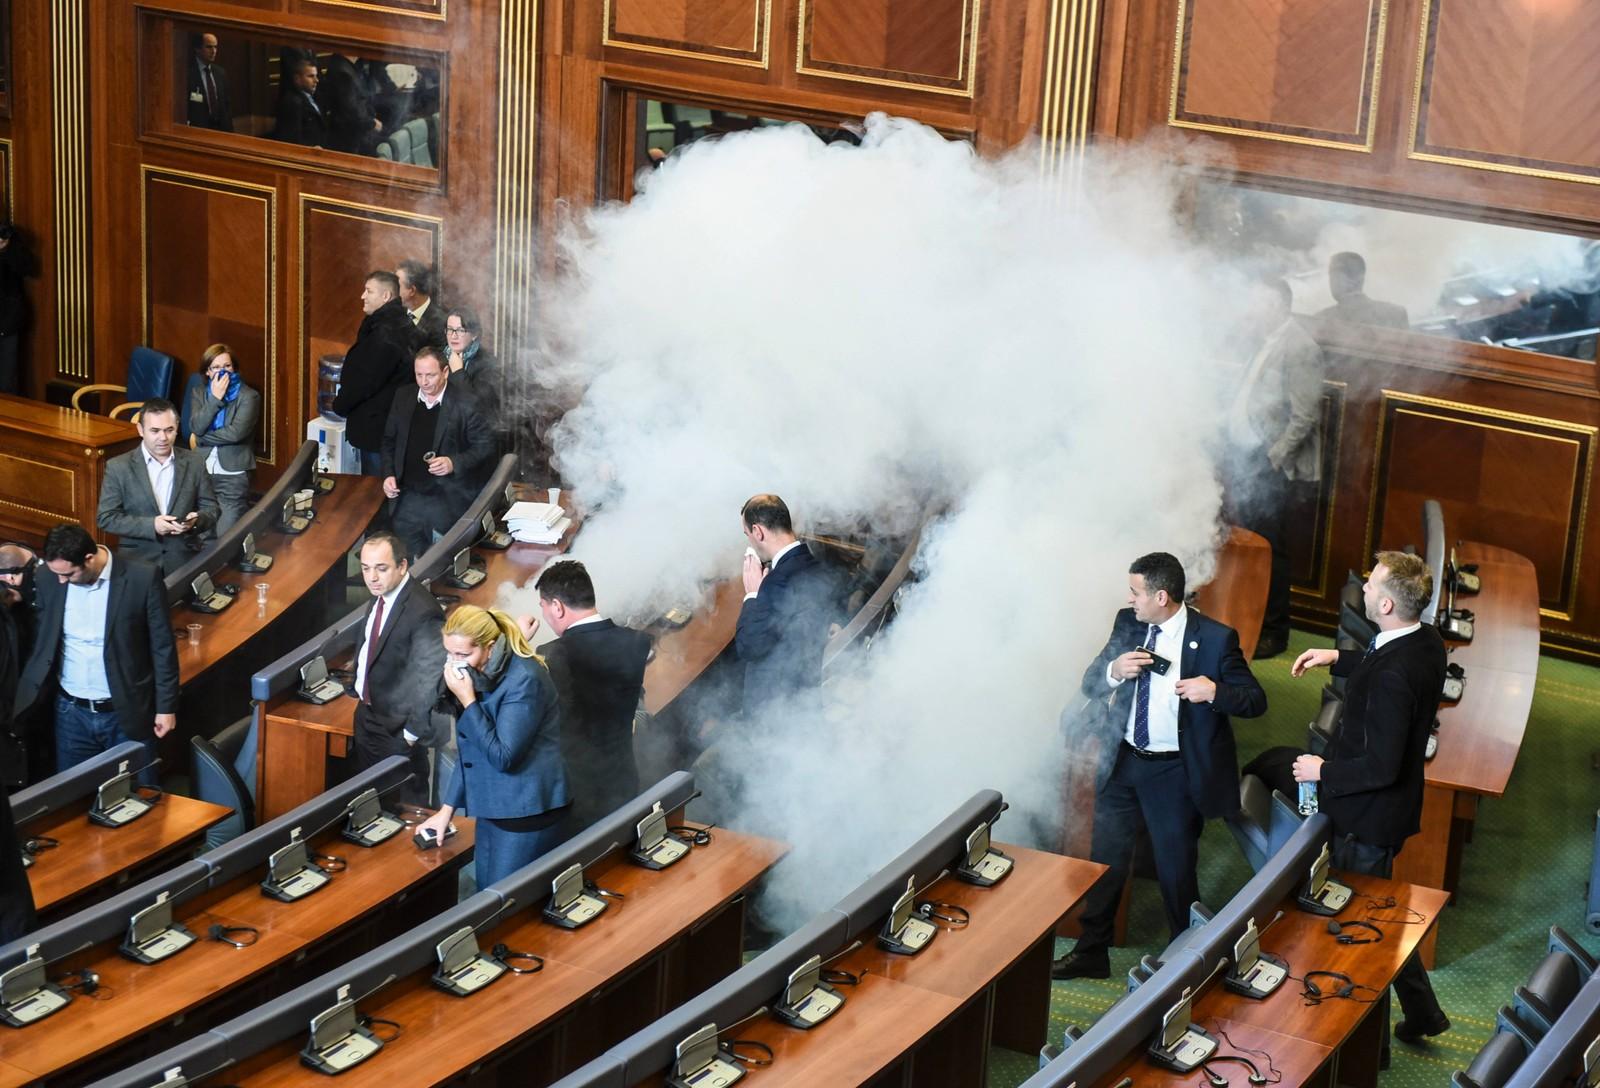 En krangel mellom regjering og opposisjon førte til dette tåregass-angrepet i parlamentet i Kosovo denne uka.